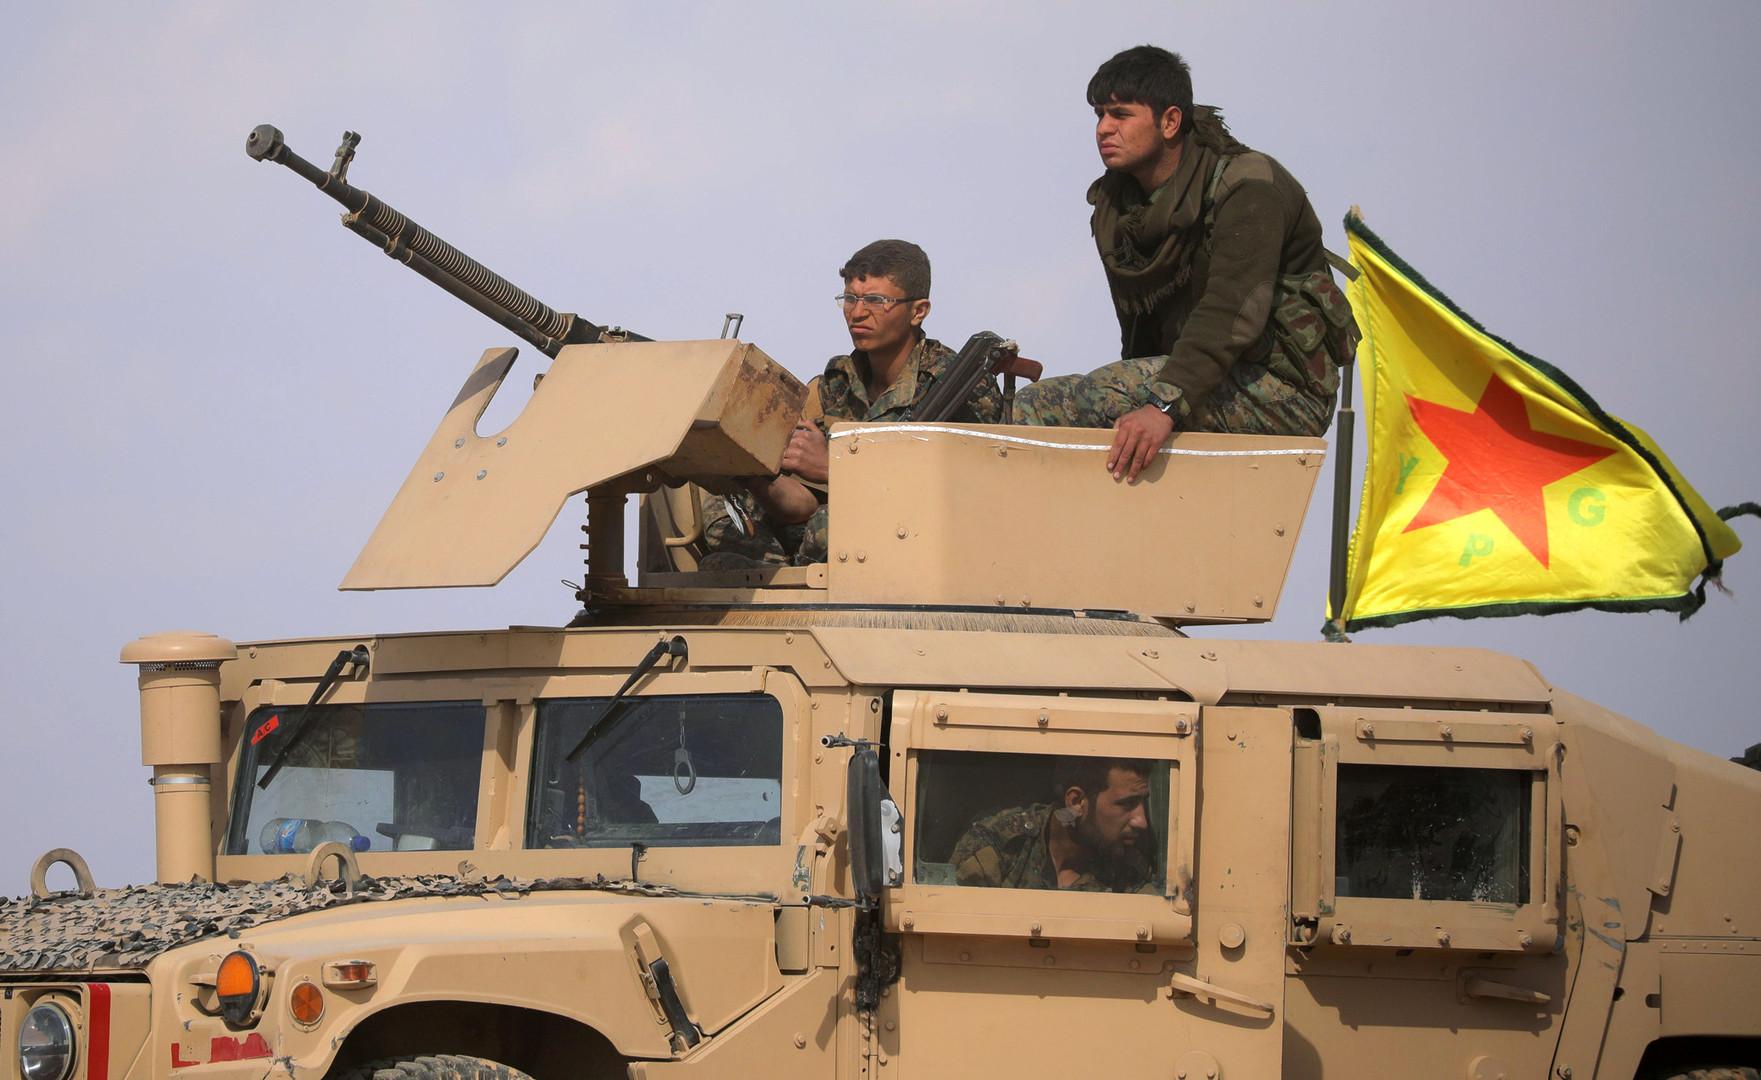 قوات سوريا الديمقراطية: انسحاب مقاتلين أكراد من شريط بعمق يتراوح من 5 إلى 14 كم على الحدود مع تركيا